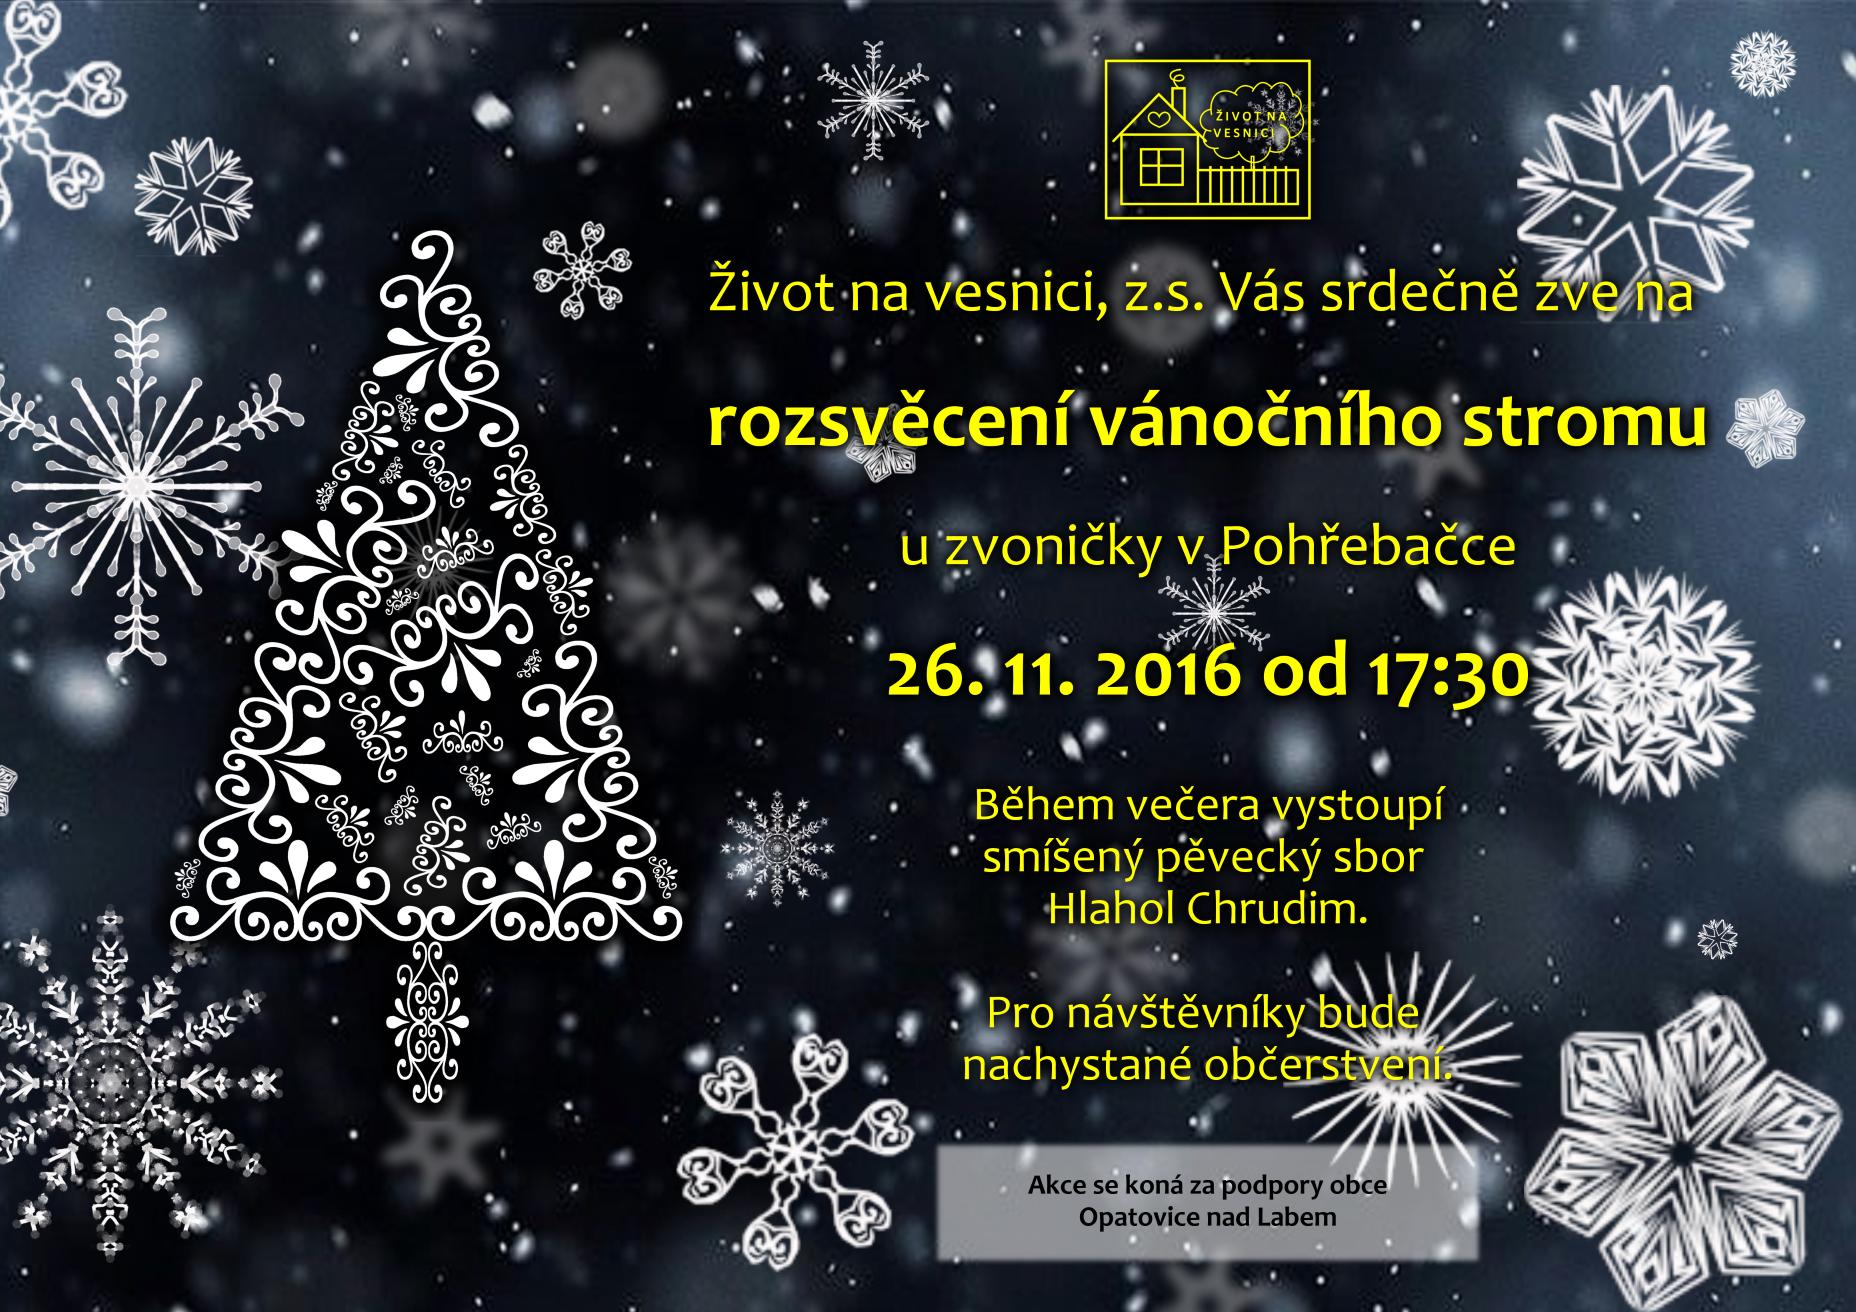 Pozvánka na rozsvěcení vánočního stromku